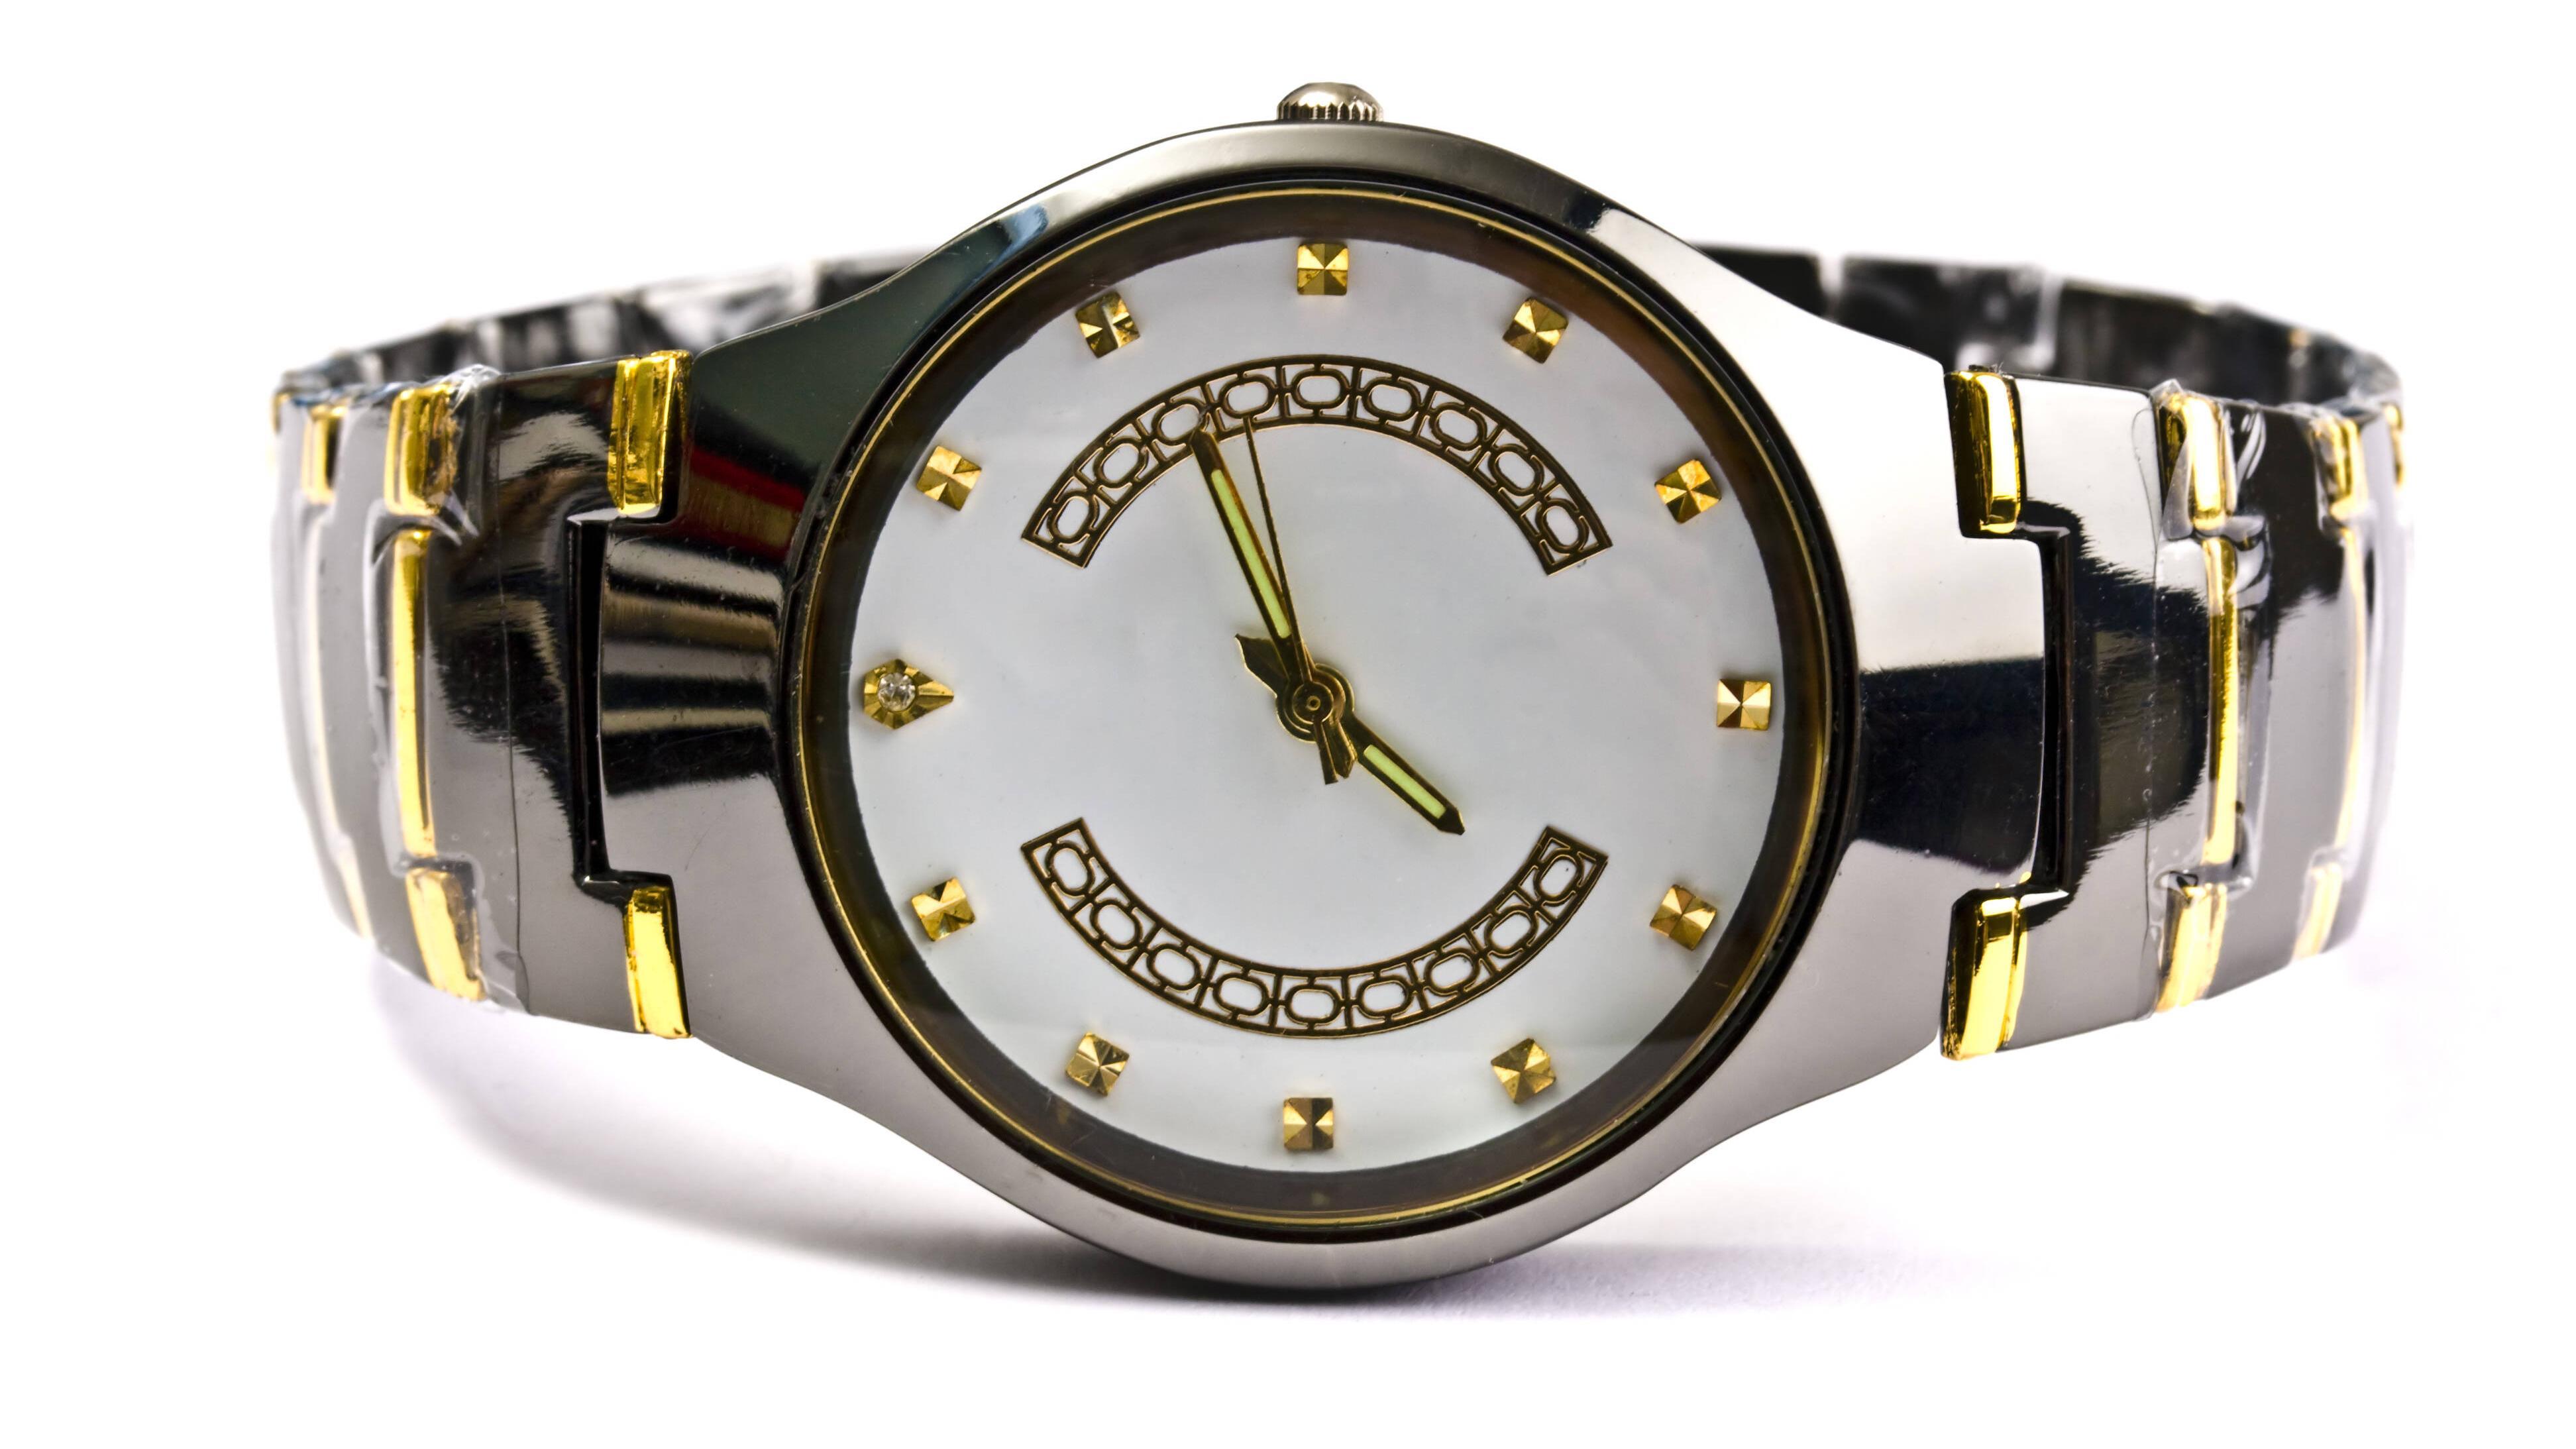 Zum Kürzen des Armbands Ihrer Uhr benötigen Sie spezifisches Werkzeug.